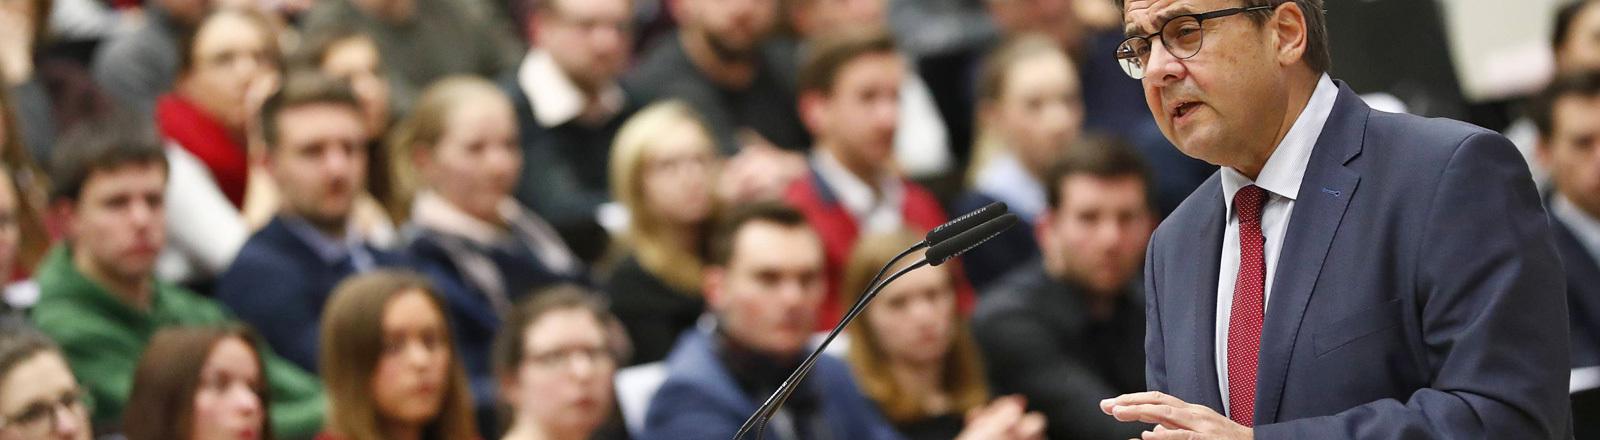 Am 12.12.2017 hält Sigmar Gabriel an der Uni Bayreuth eine Vorlesung.